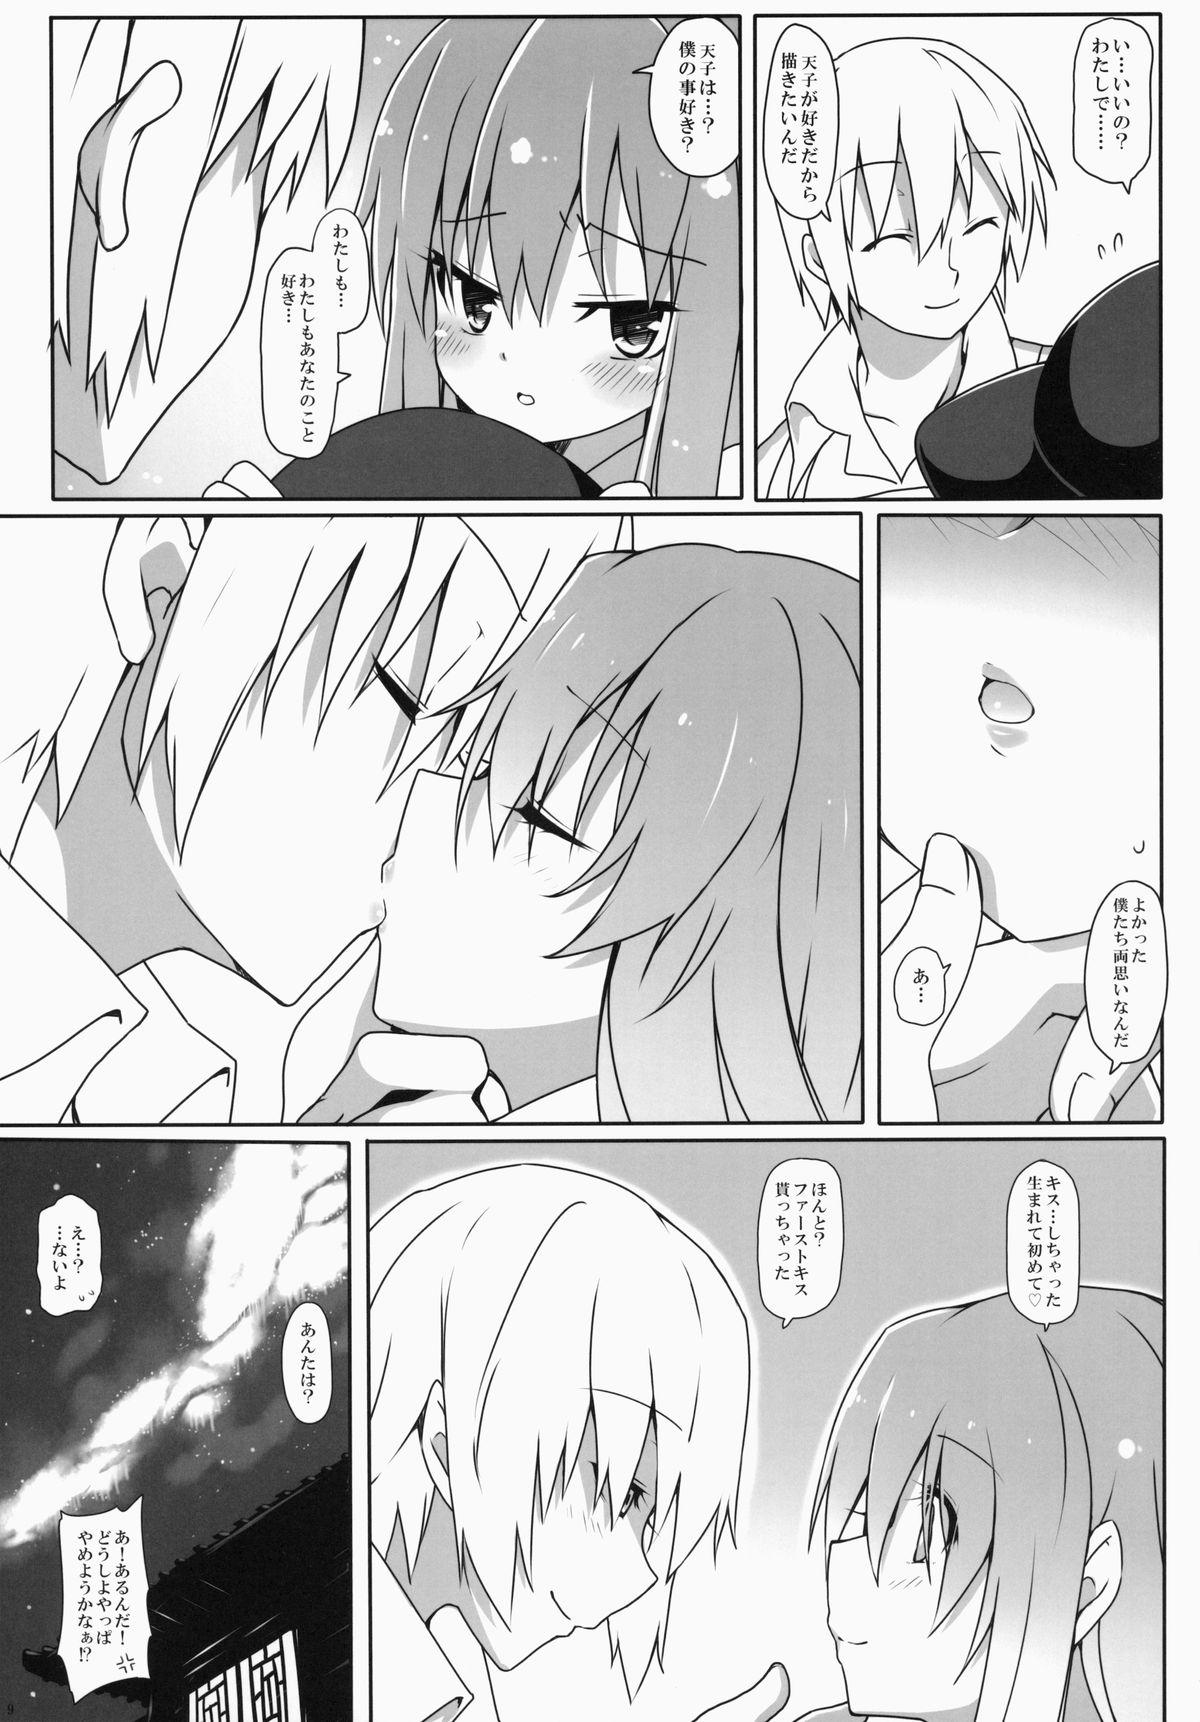 Watashi no E o Kaite 9